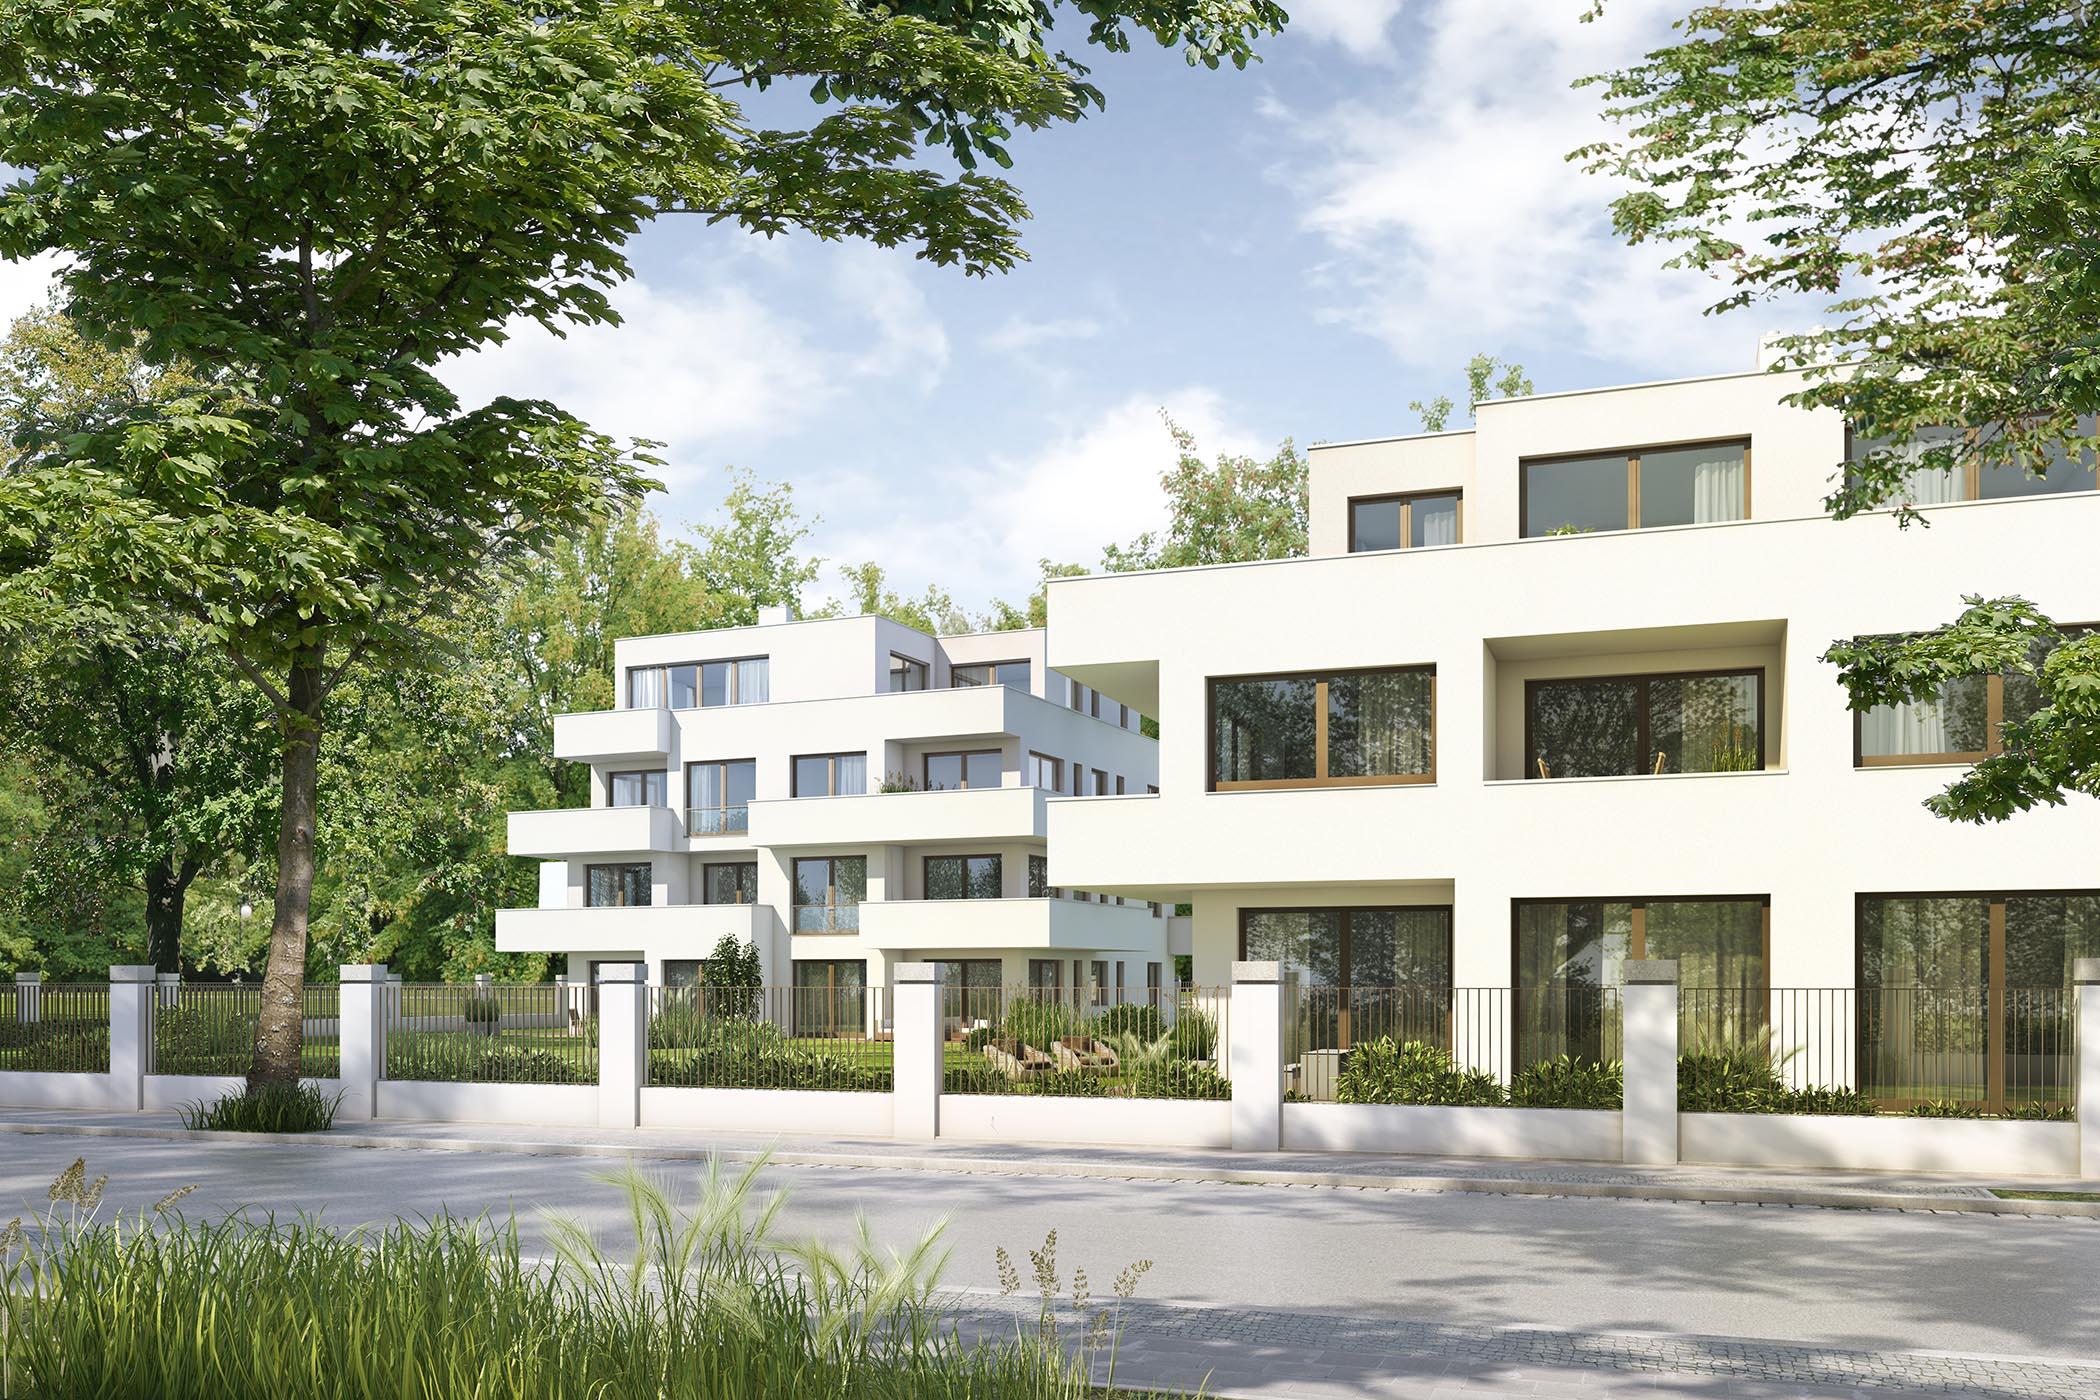 14 0918 Bismarckallee Strasse UEB5 - Planen. Entwickeln. Realisieren - Die Rosa-Alscher Gruppe